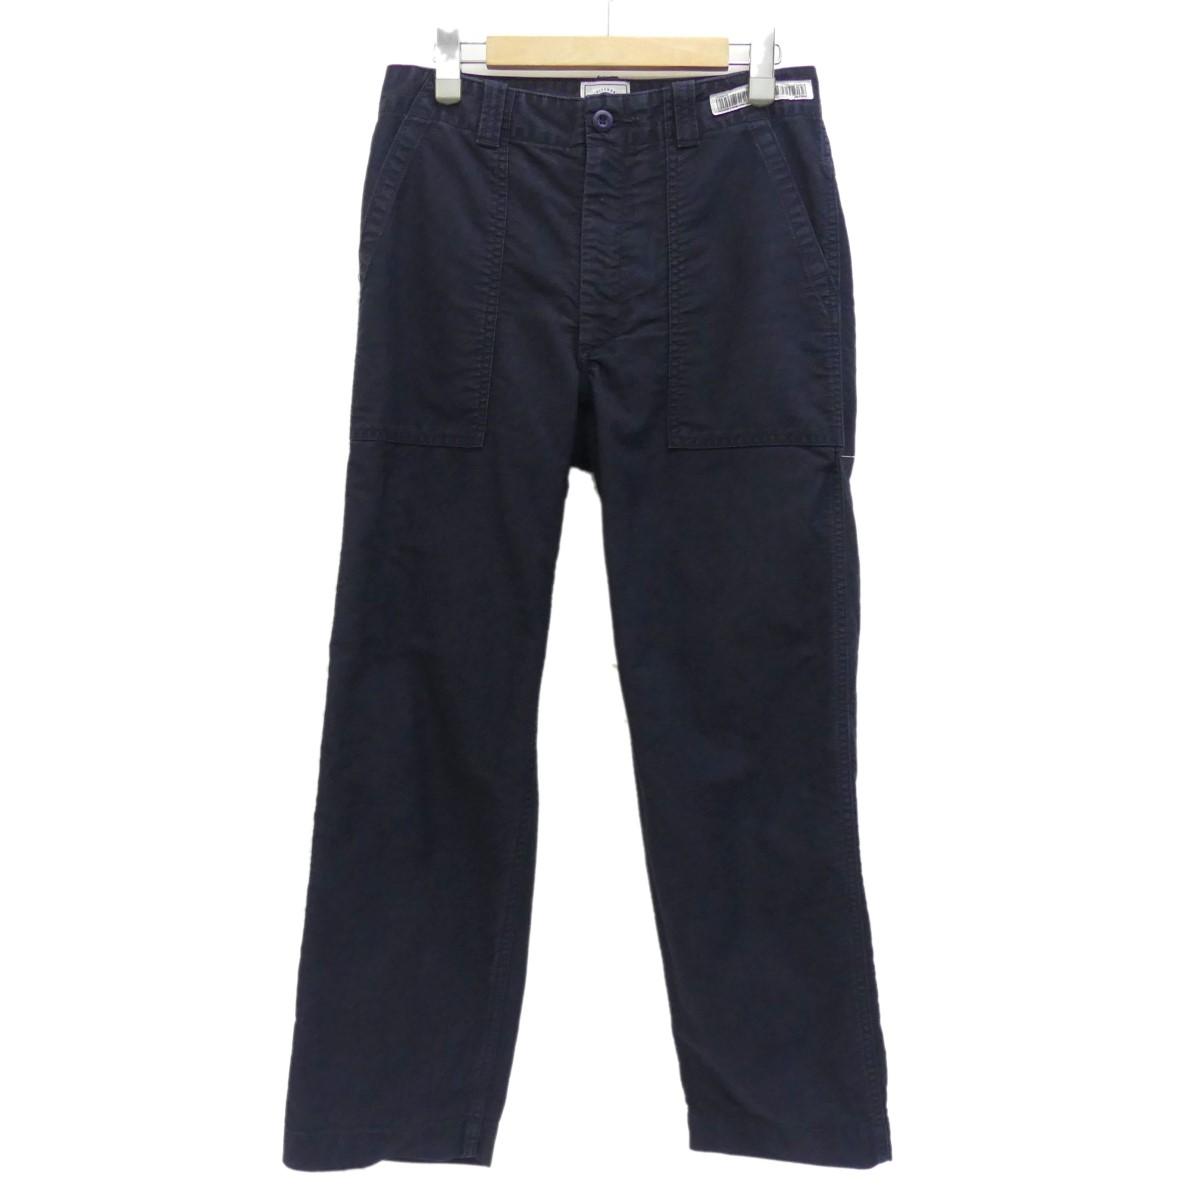 【中古】UNIVERSAL PRODUCTS ORIGINAL FATIGUE PANTS ネイビー サイズ:S 【031019】(ユニバーサルプロダクツ)